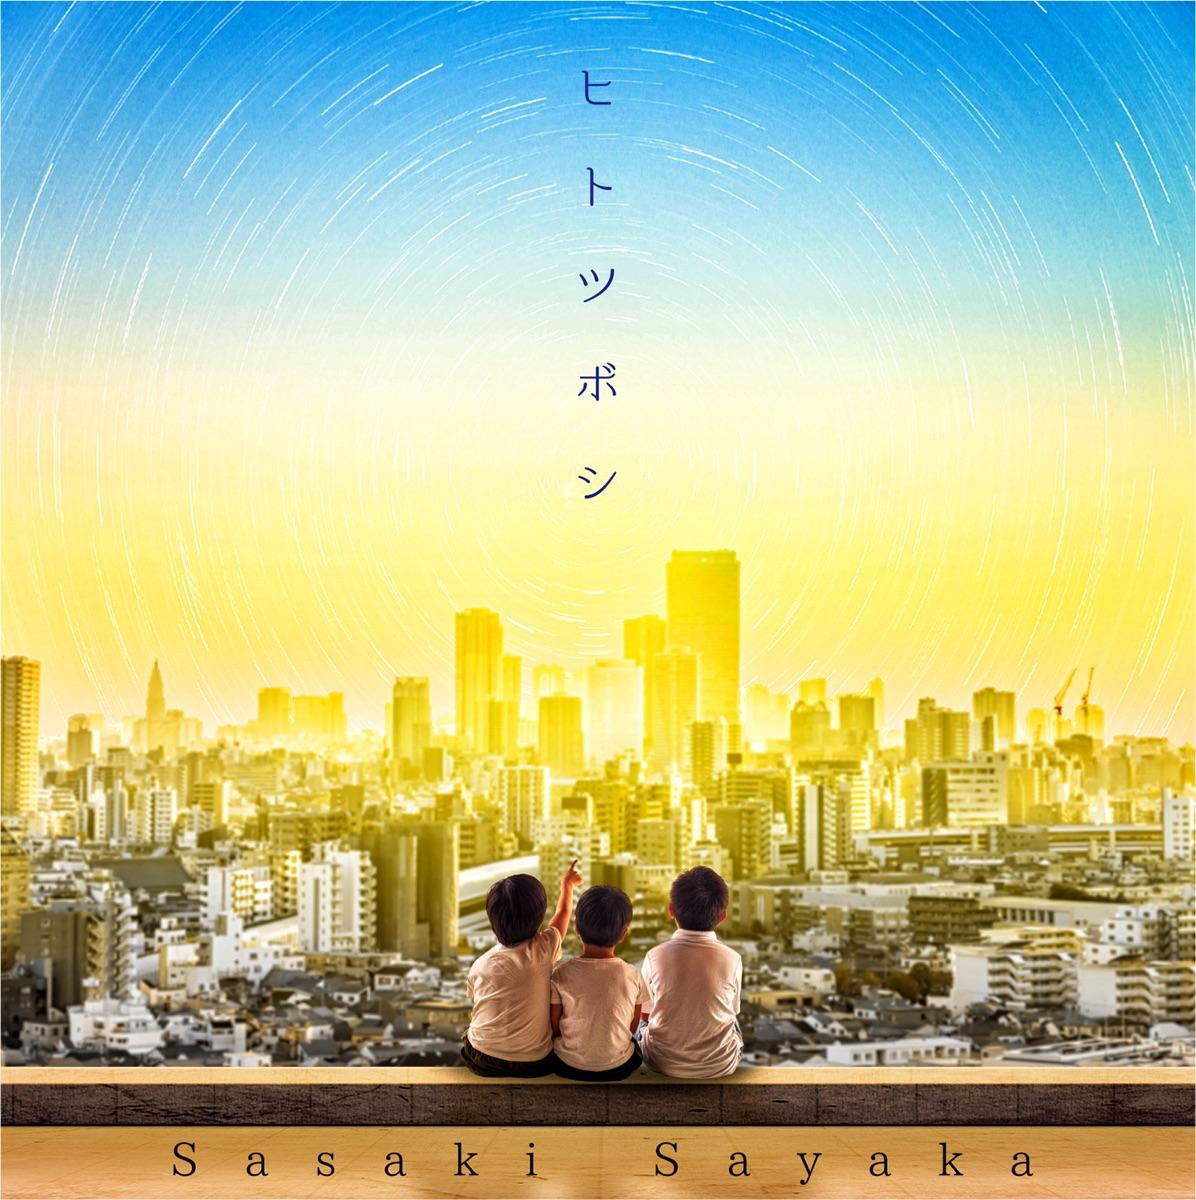 『佐咲紗花 - Go future』収録の『ヒトツボシ』ジャケット